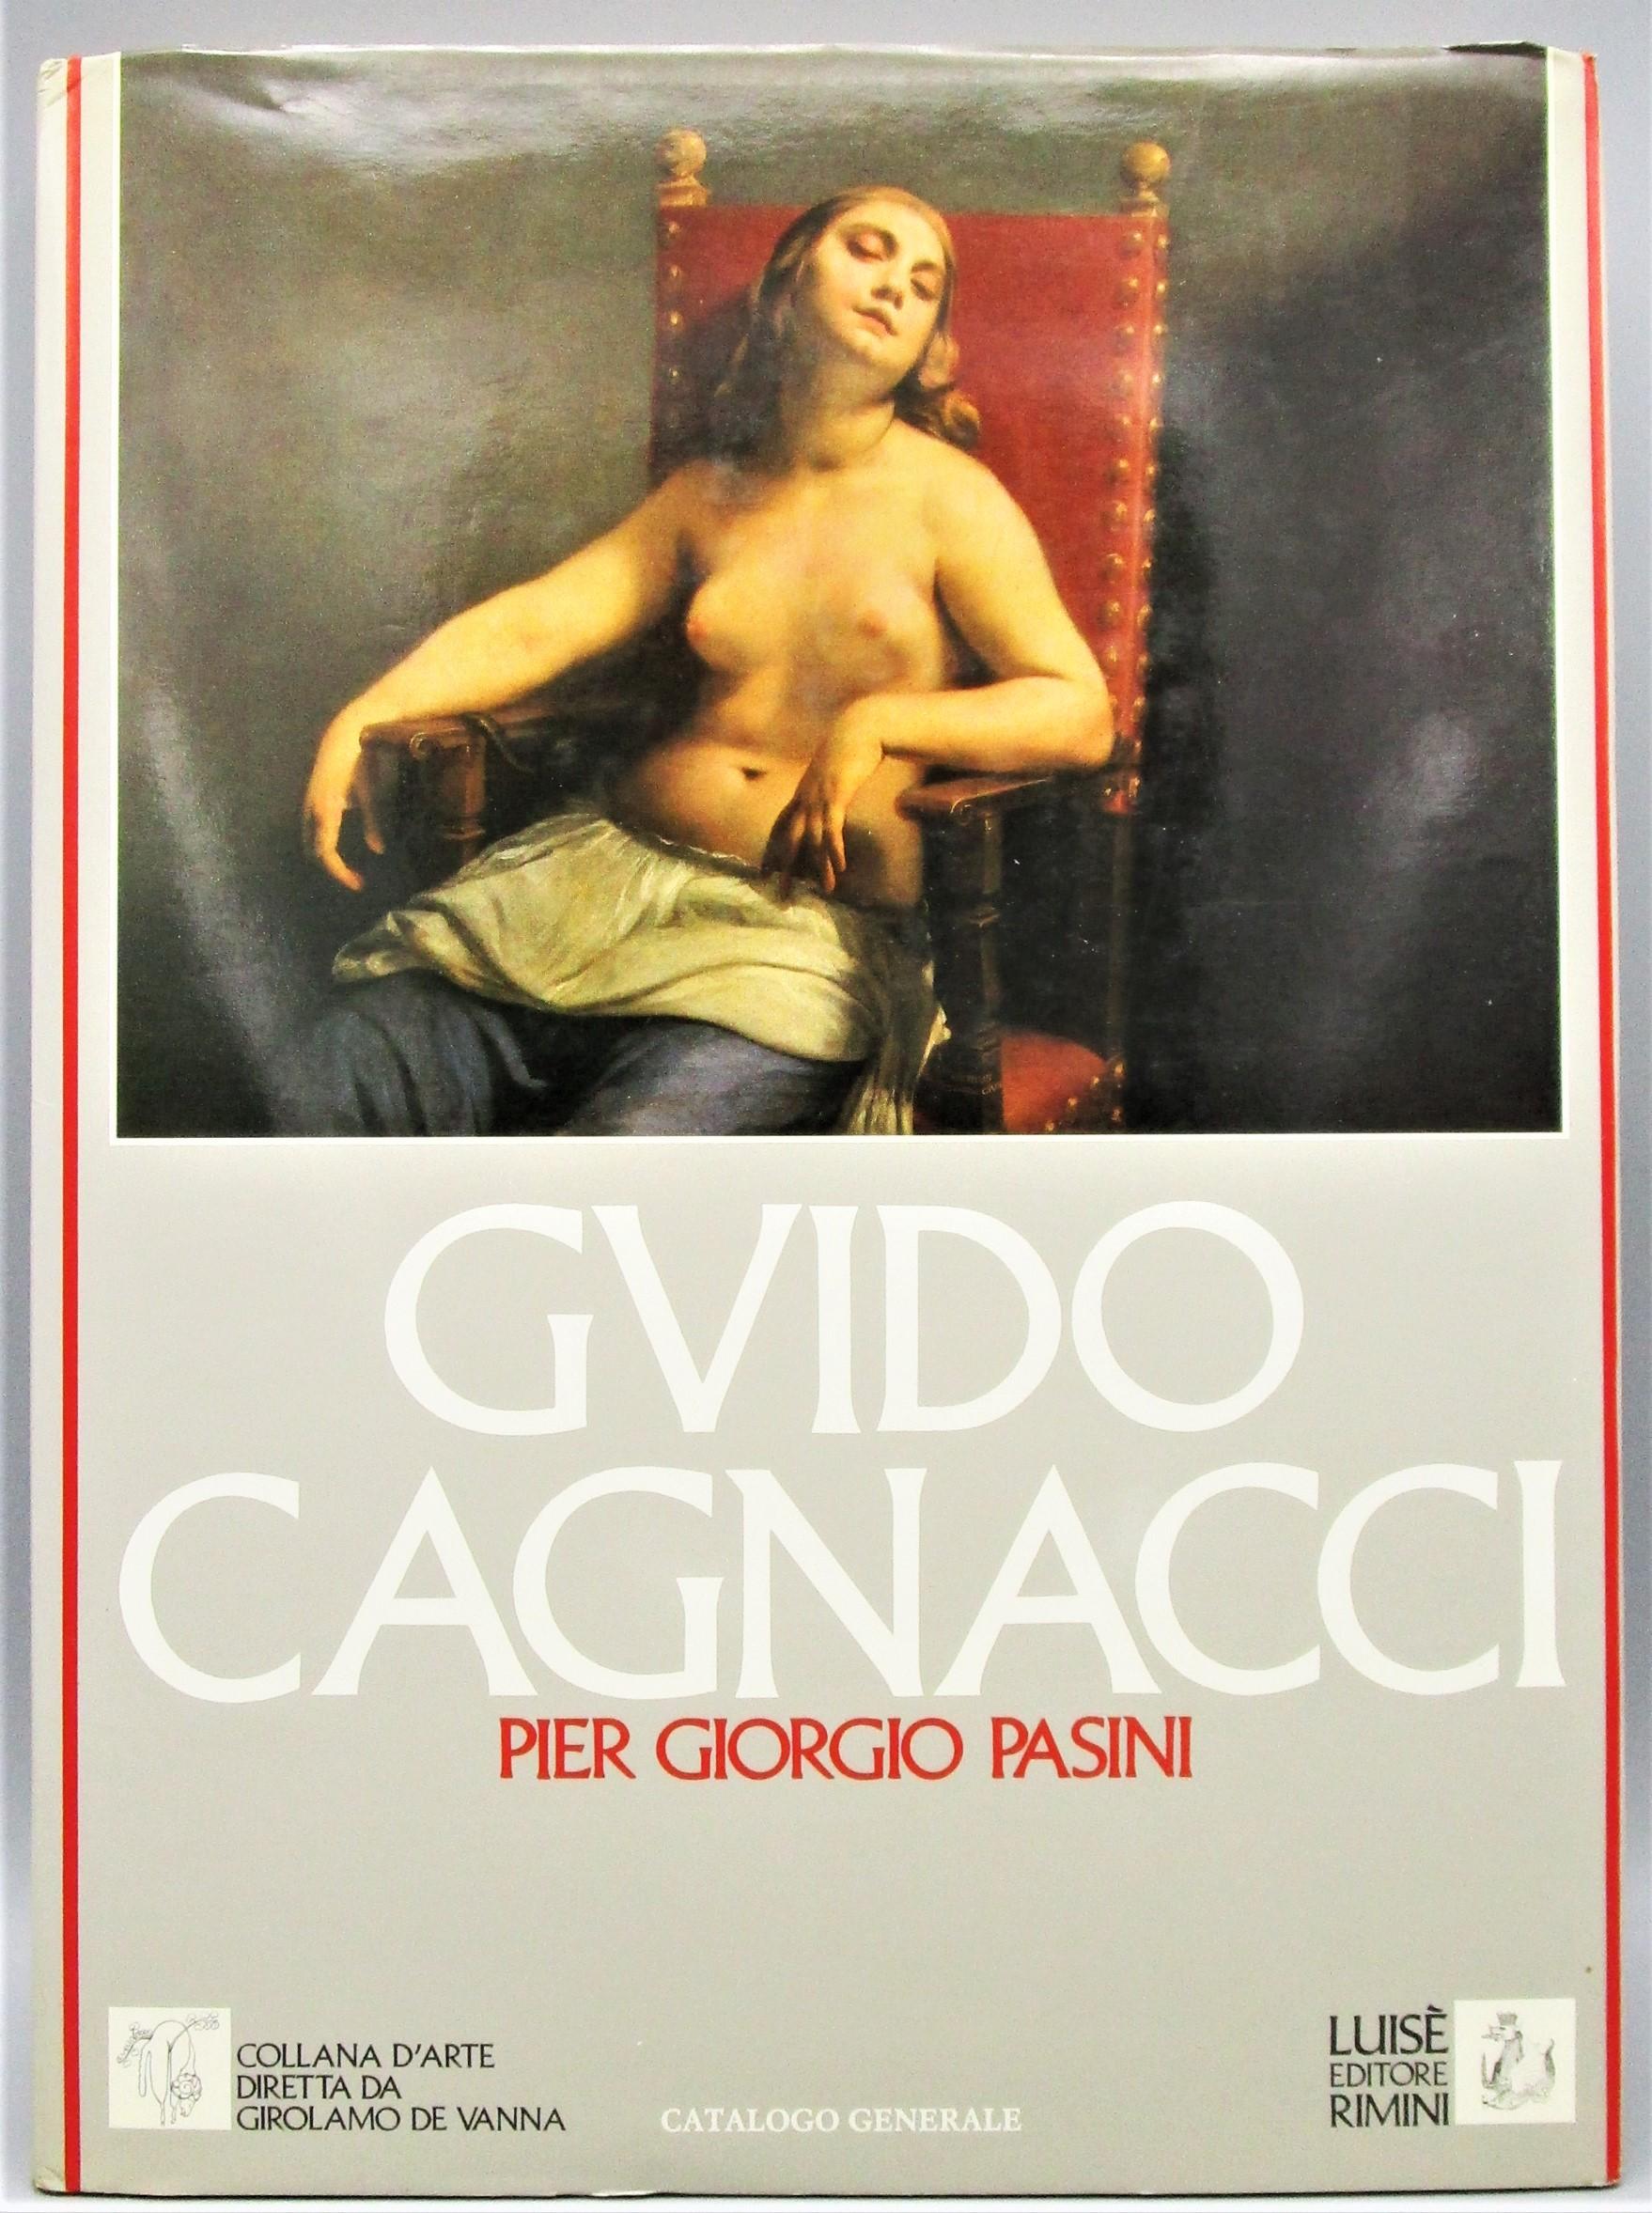 GUIDO CAGNACCI, by Pier Giorgio Pasini - 1986